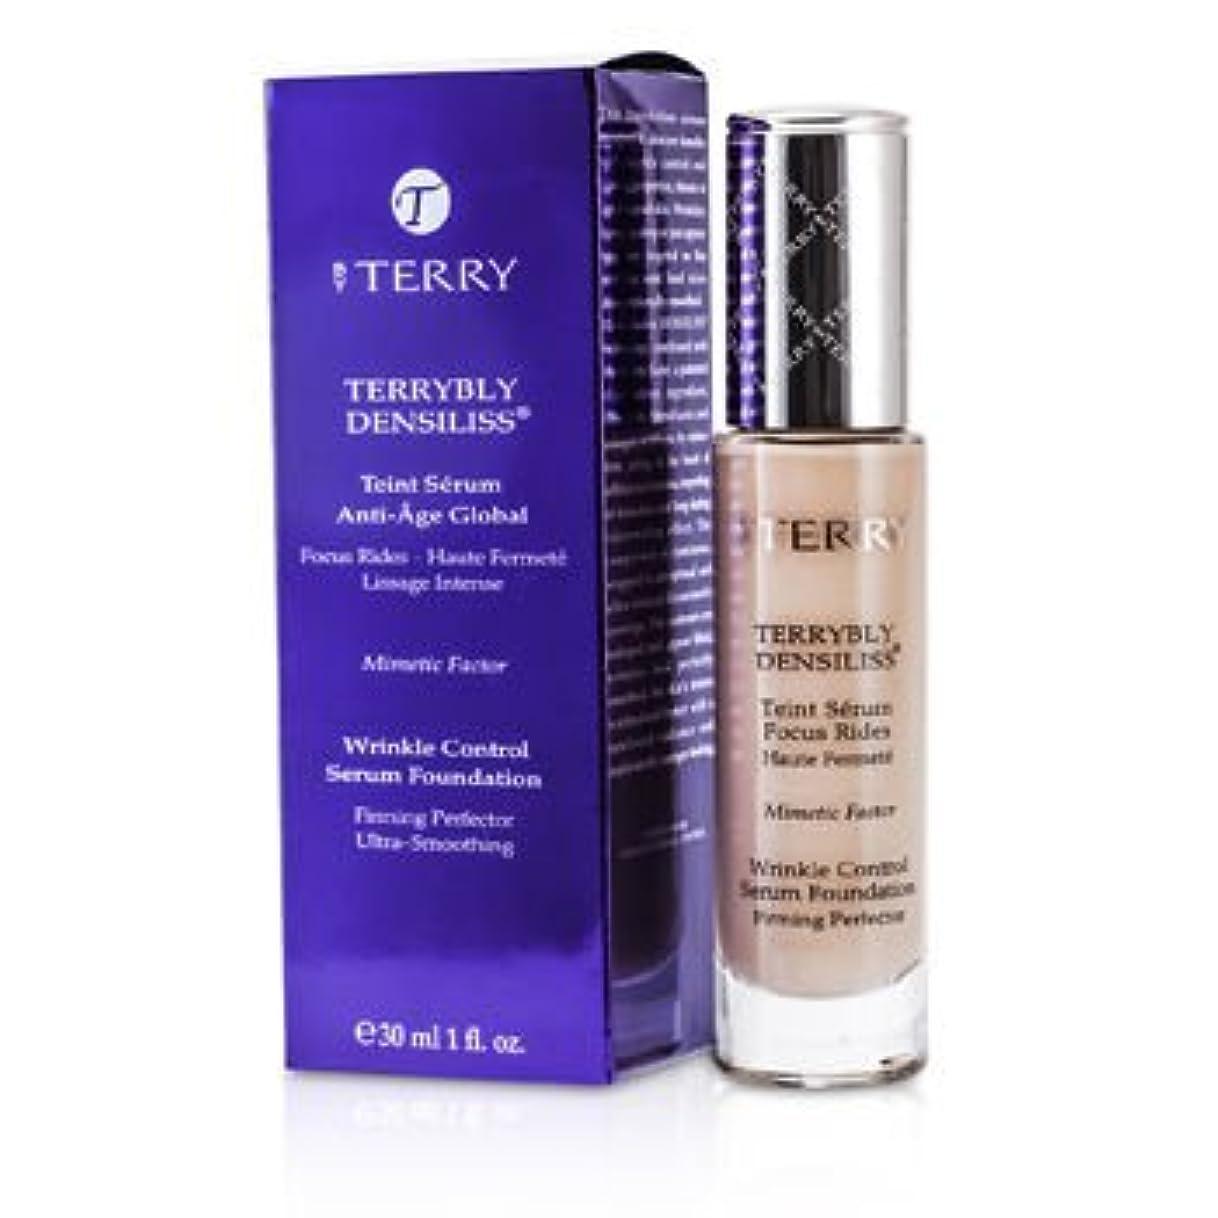 自我オンス七面鳥バイテリー Terrybly Densiliss Wrinkle Control Serum Foundation - # 3 Vanilla Beige30ml/1oz並行輸入品